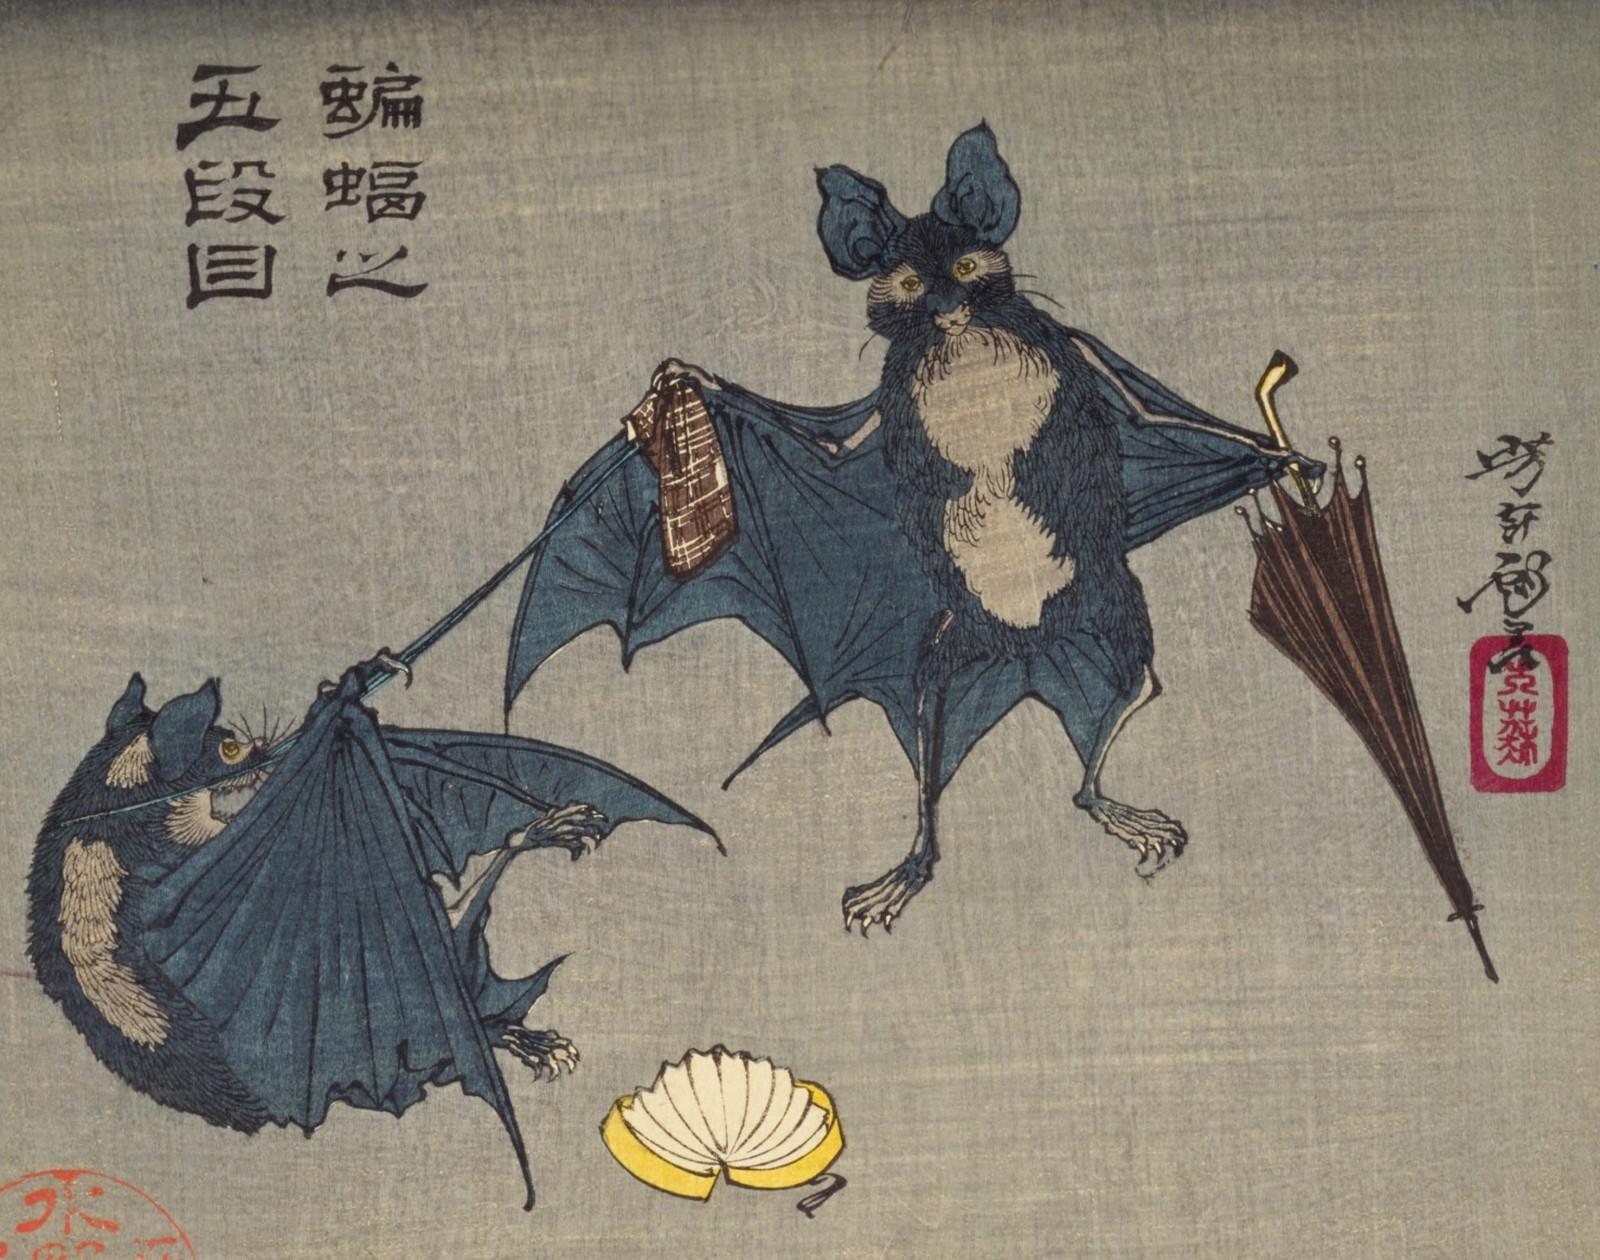 【江戸時代】相合傘の研究(というほどではなく今まで散発的にメモしたものをまとめました)【番傘か蝙蝠か】_b0116271_12500417.jpg